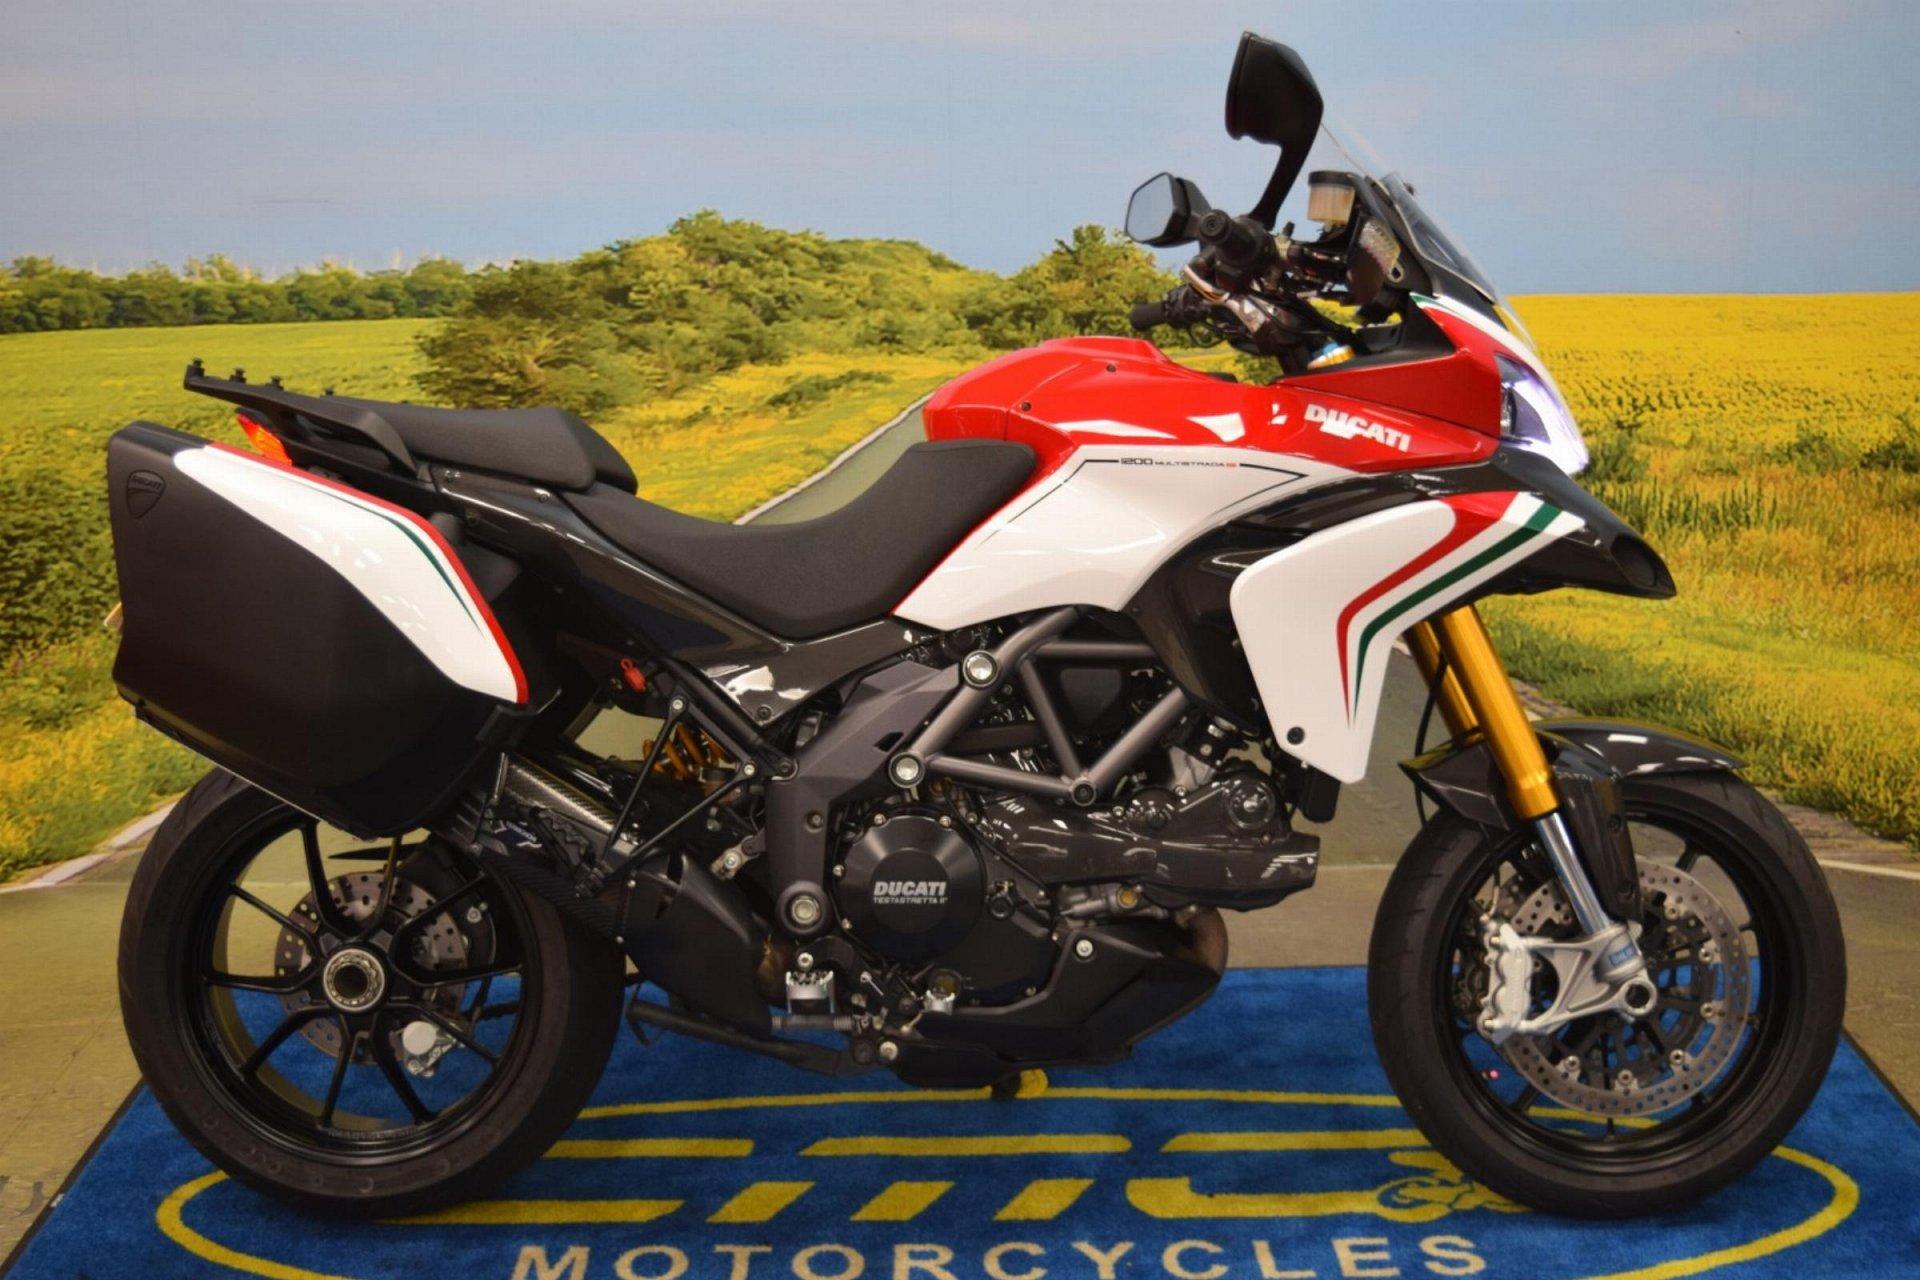 2012 Ducati Multistrada 1200 S for sale in Staffordshire